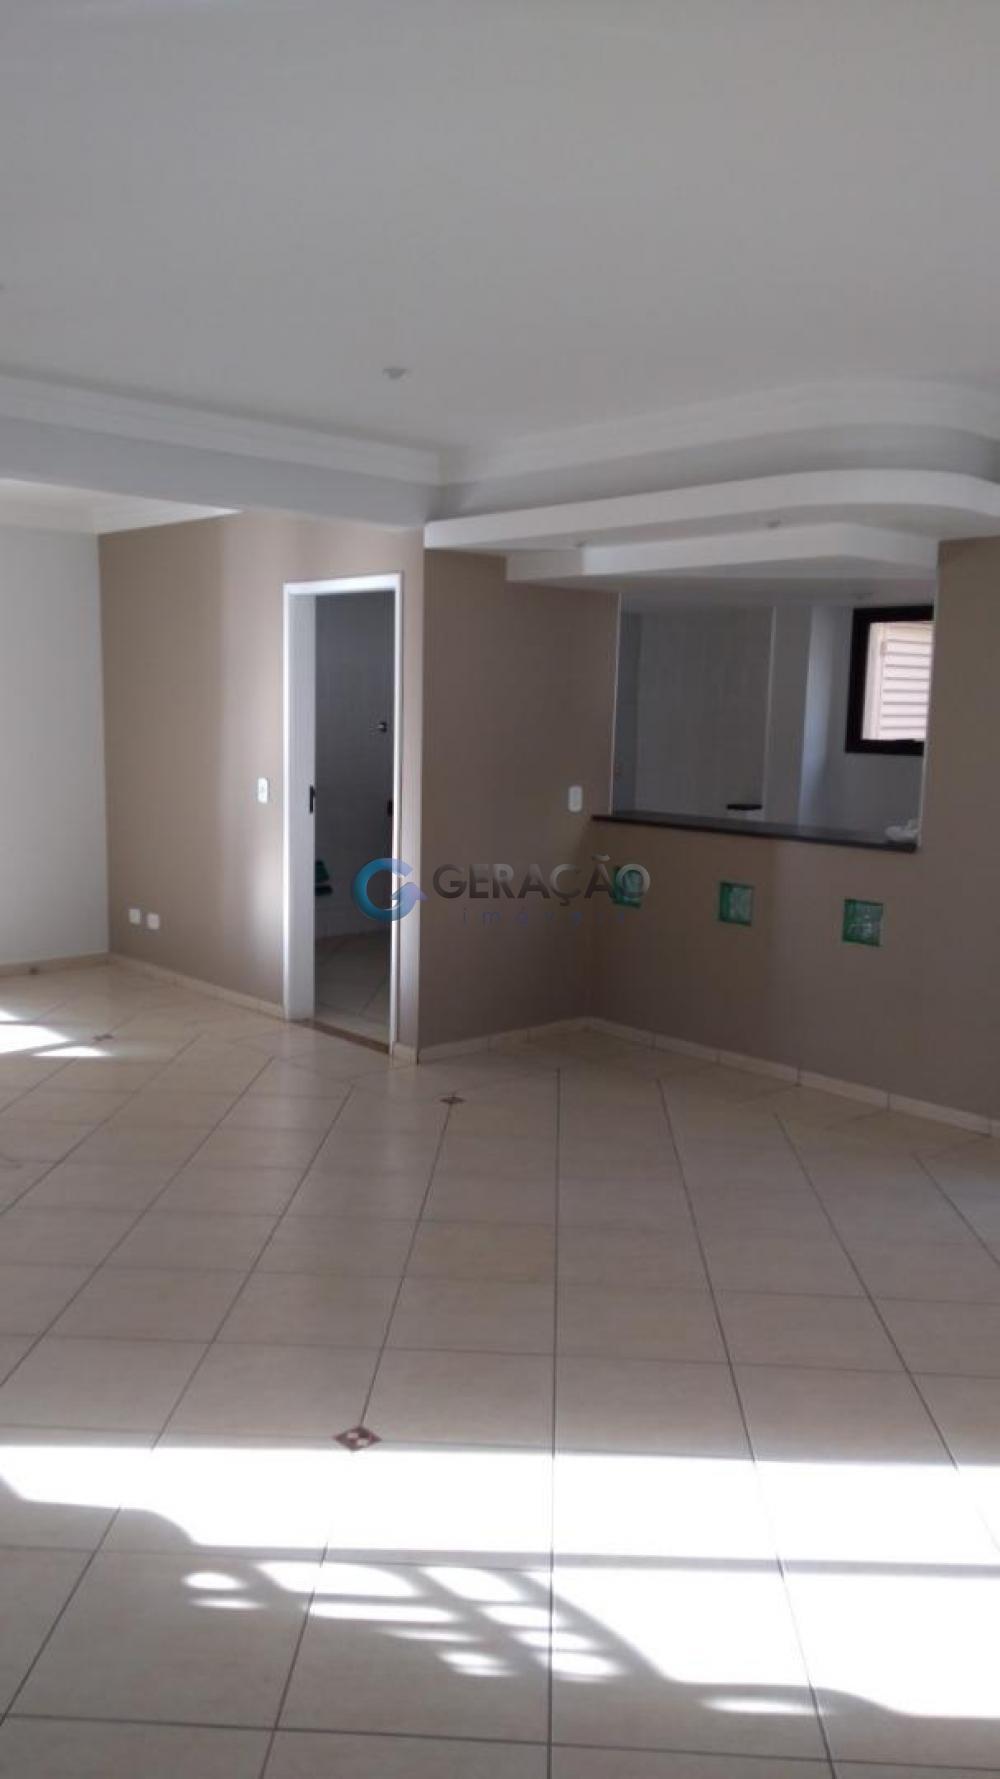 Alugar Apartamento / Padrão em São José dos Campos R$ 2.500,00 - Foto 32